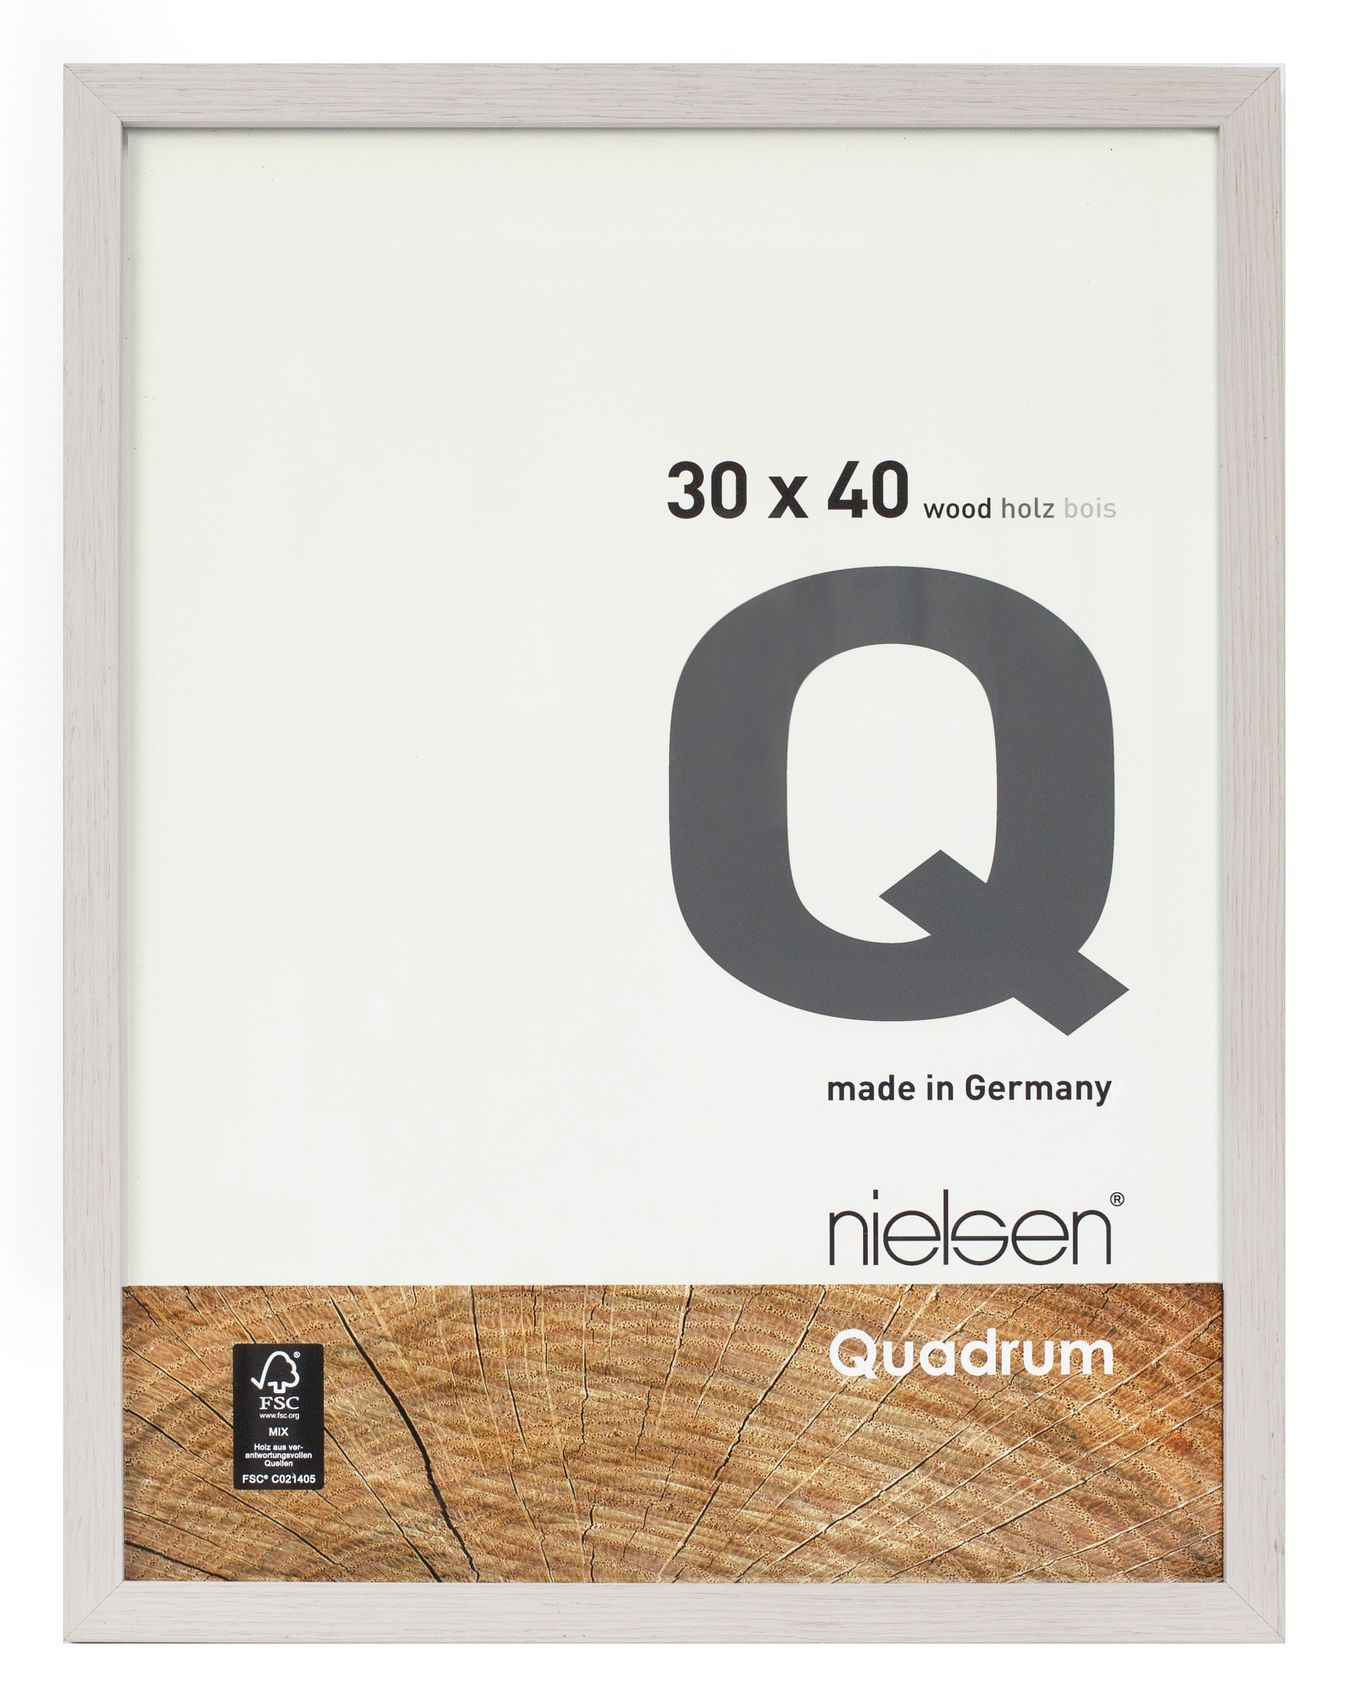 Nielsen Quadrum 29.7x42cm A3 Veneer Cement Wood Picture Frame ...